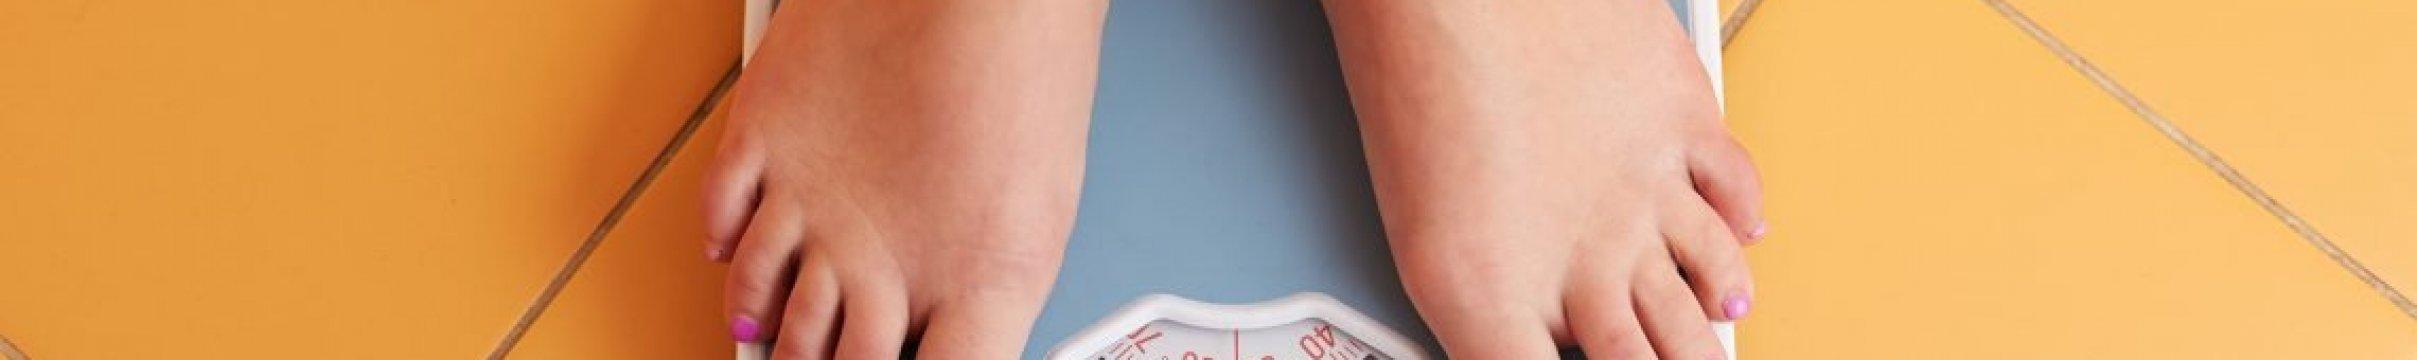 Как рассчитать нормальный вес: самые точные методы с формулами и примерами